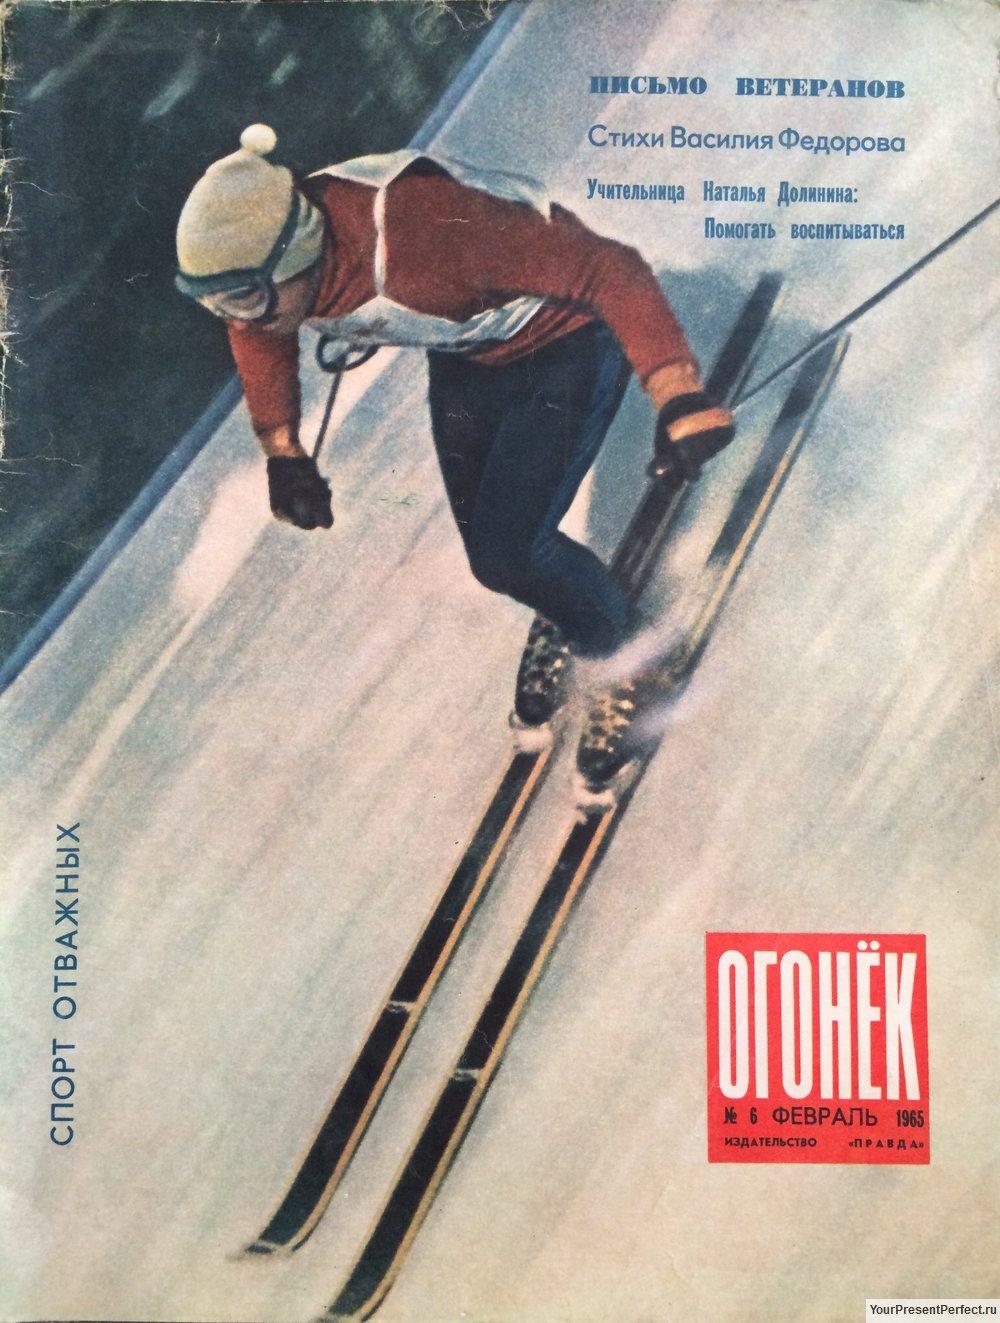 Журнал Огонек №6 февраль 1965